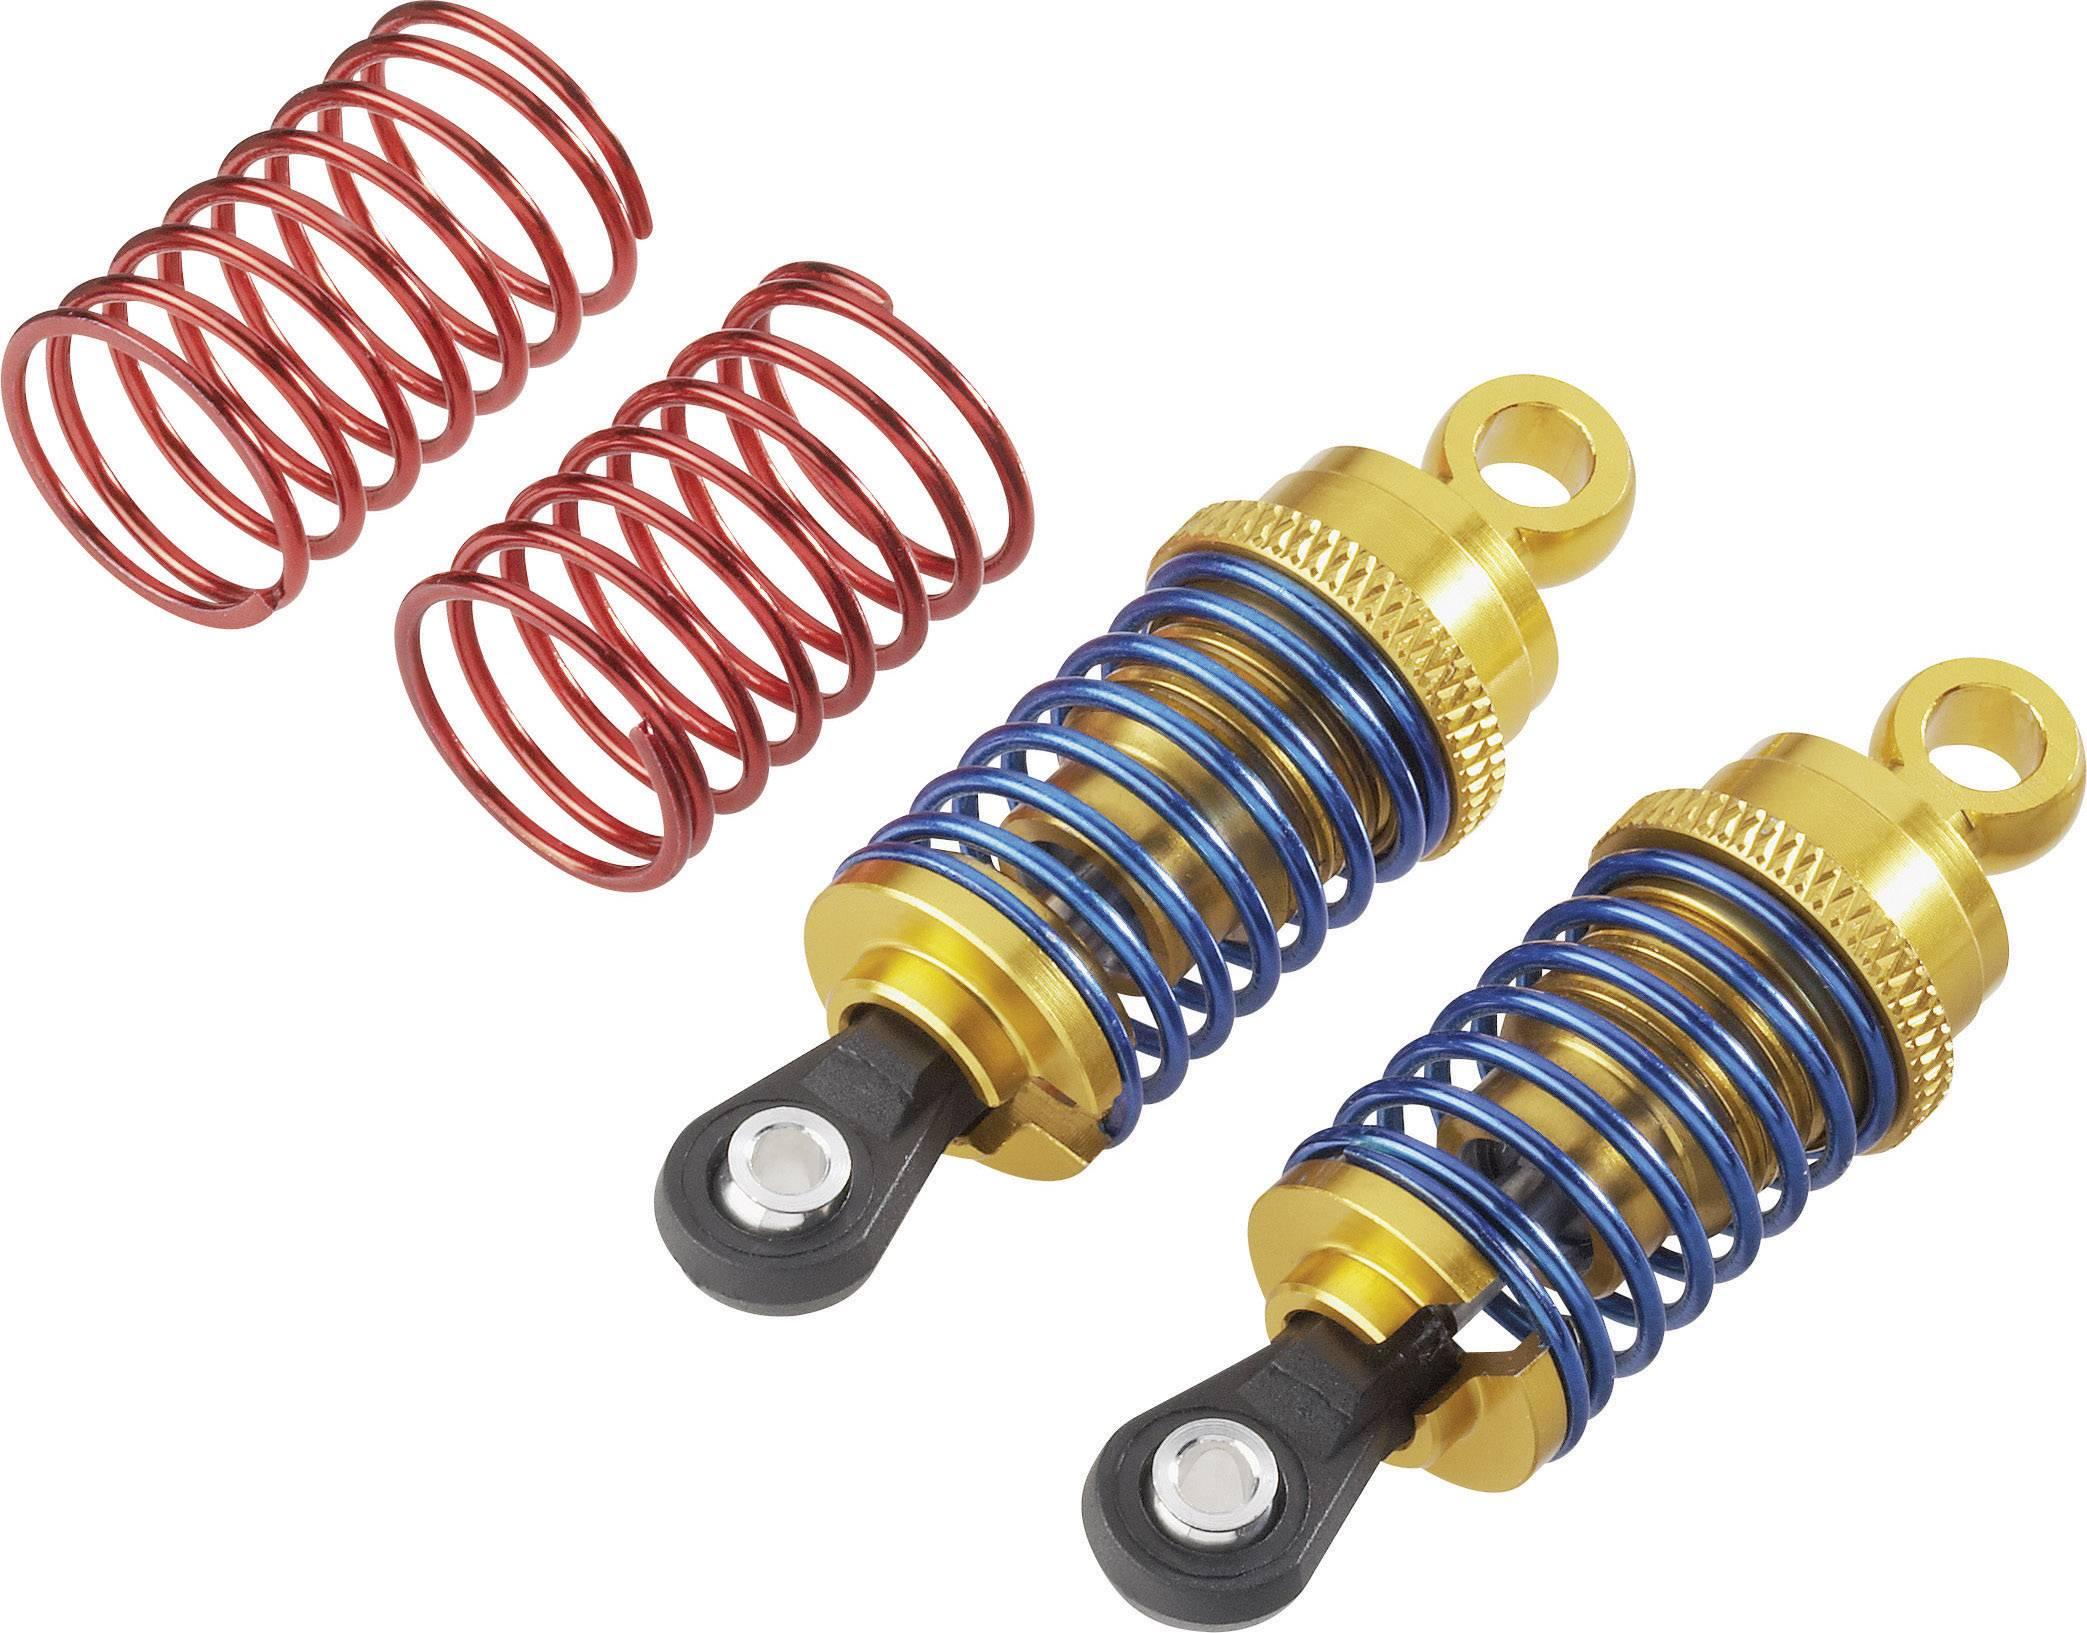 Olejový tlumič Reely, 60 mm, zlatá/modrá/červená, 1:10, 2 ks (58055A)